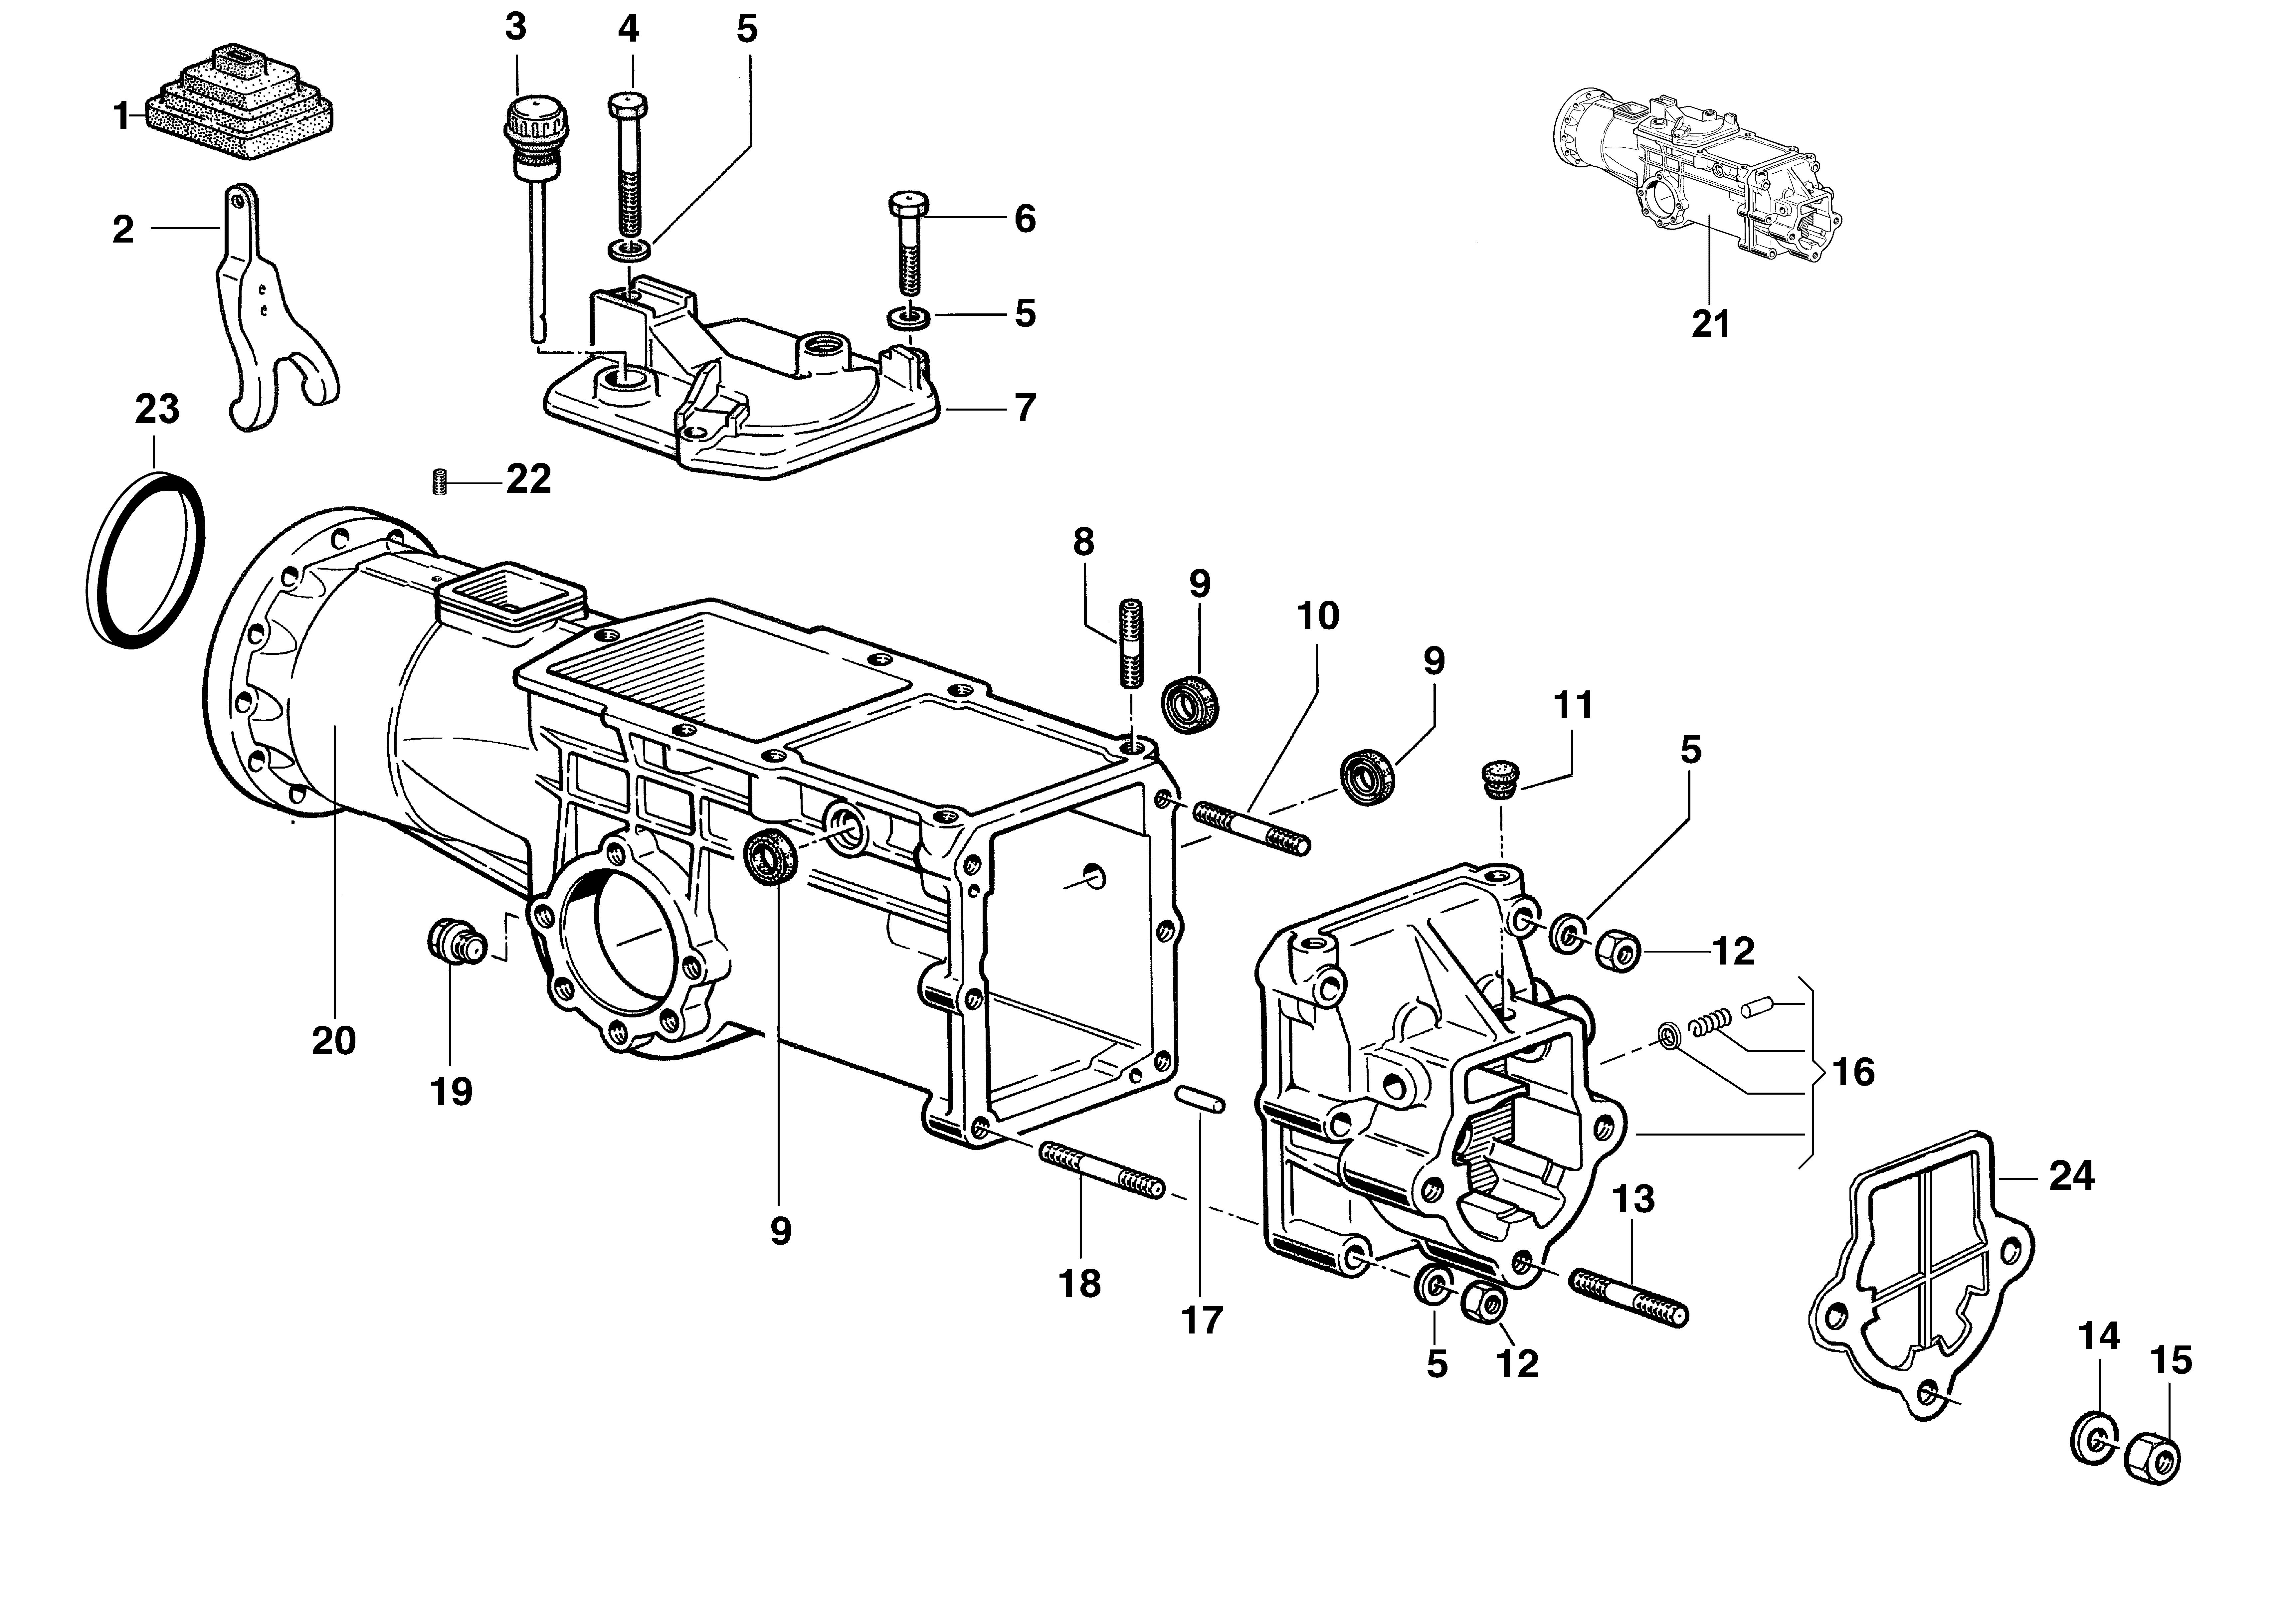 KAM 5 JUNIOR EN 709 Motoculteur OLEOMAC NIBBI vue éclatée Dessins pièces - Boite à vitesse